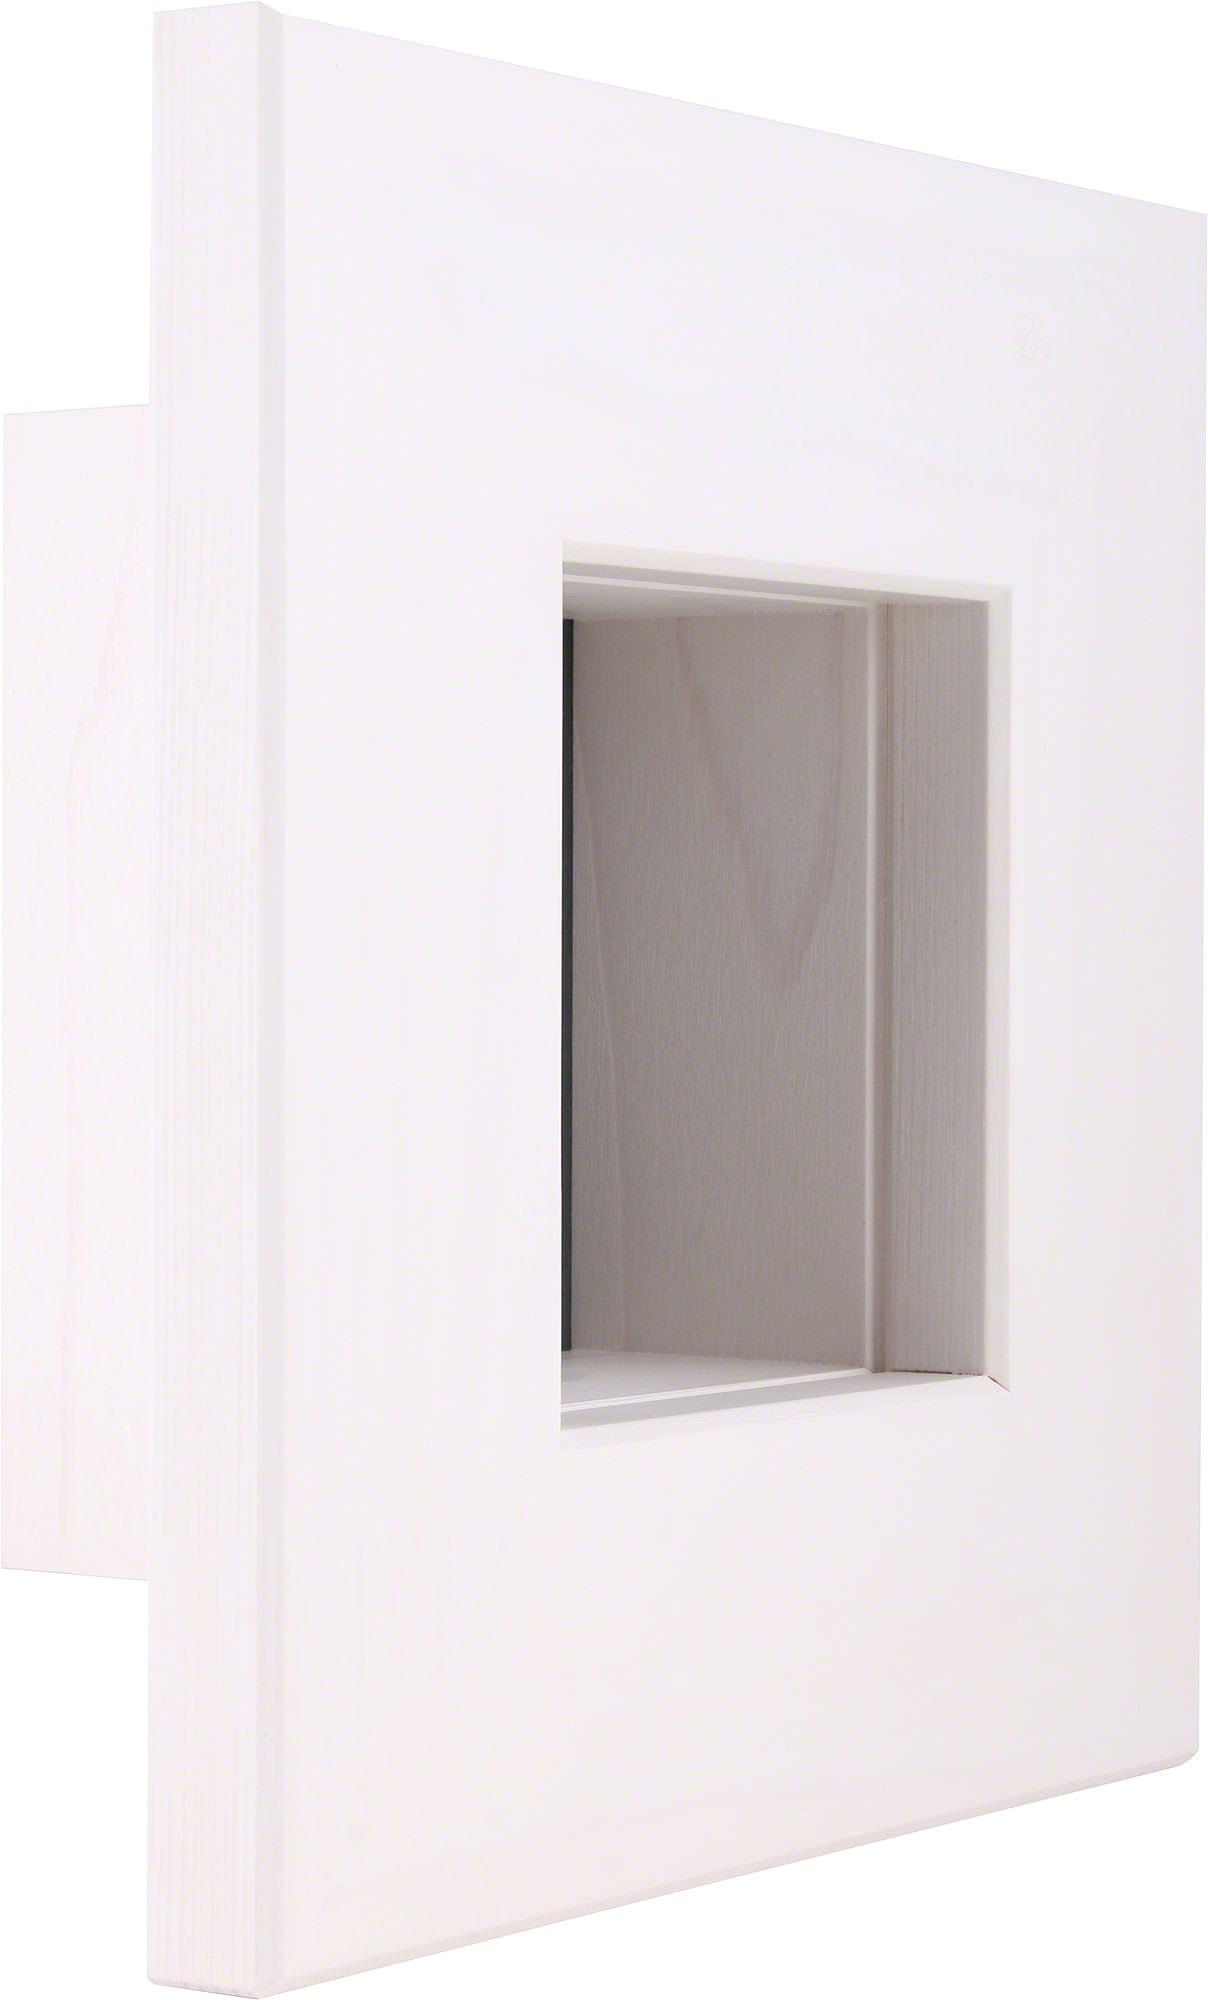 Wandrahmen weiß (23×23×8 cm) von Björn Köhler Kunsthandwerk